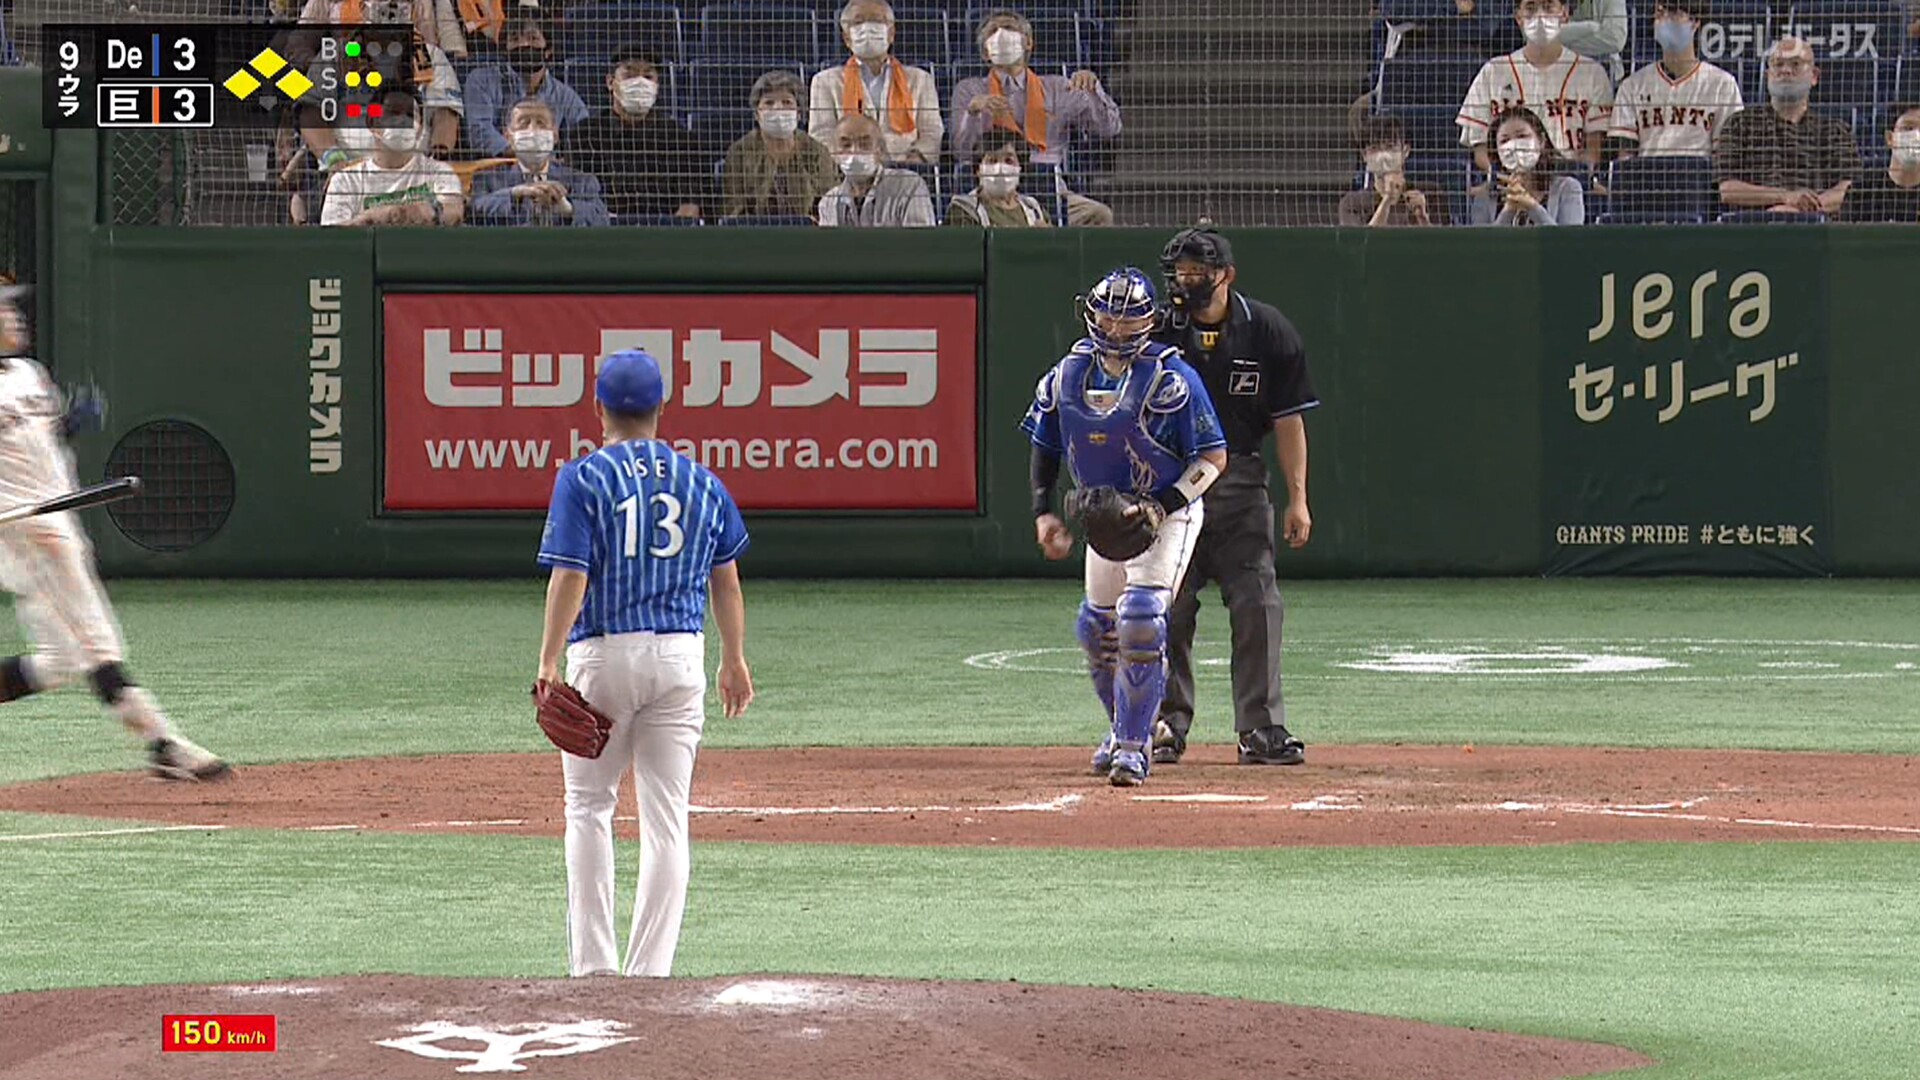 巨人・松原、ダンディ坂野みたいに掃けて試合終了wwww